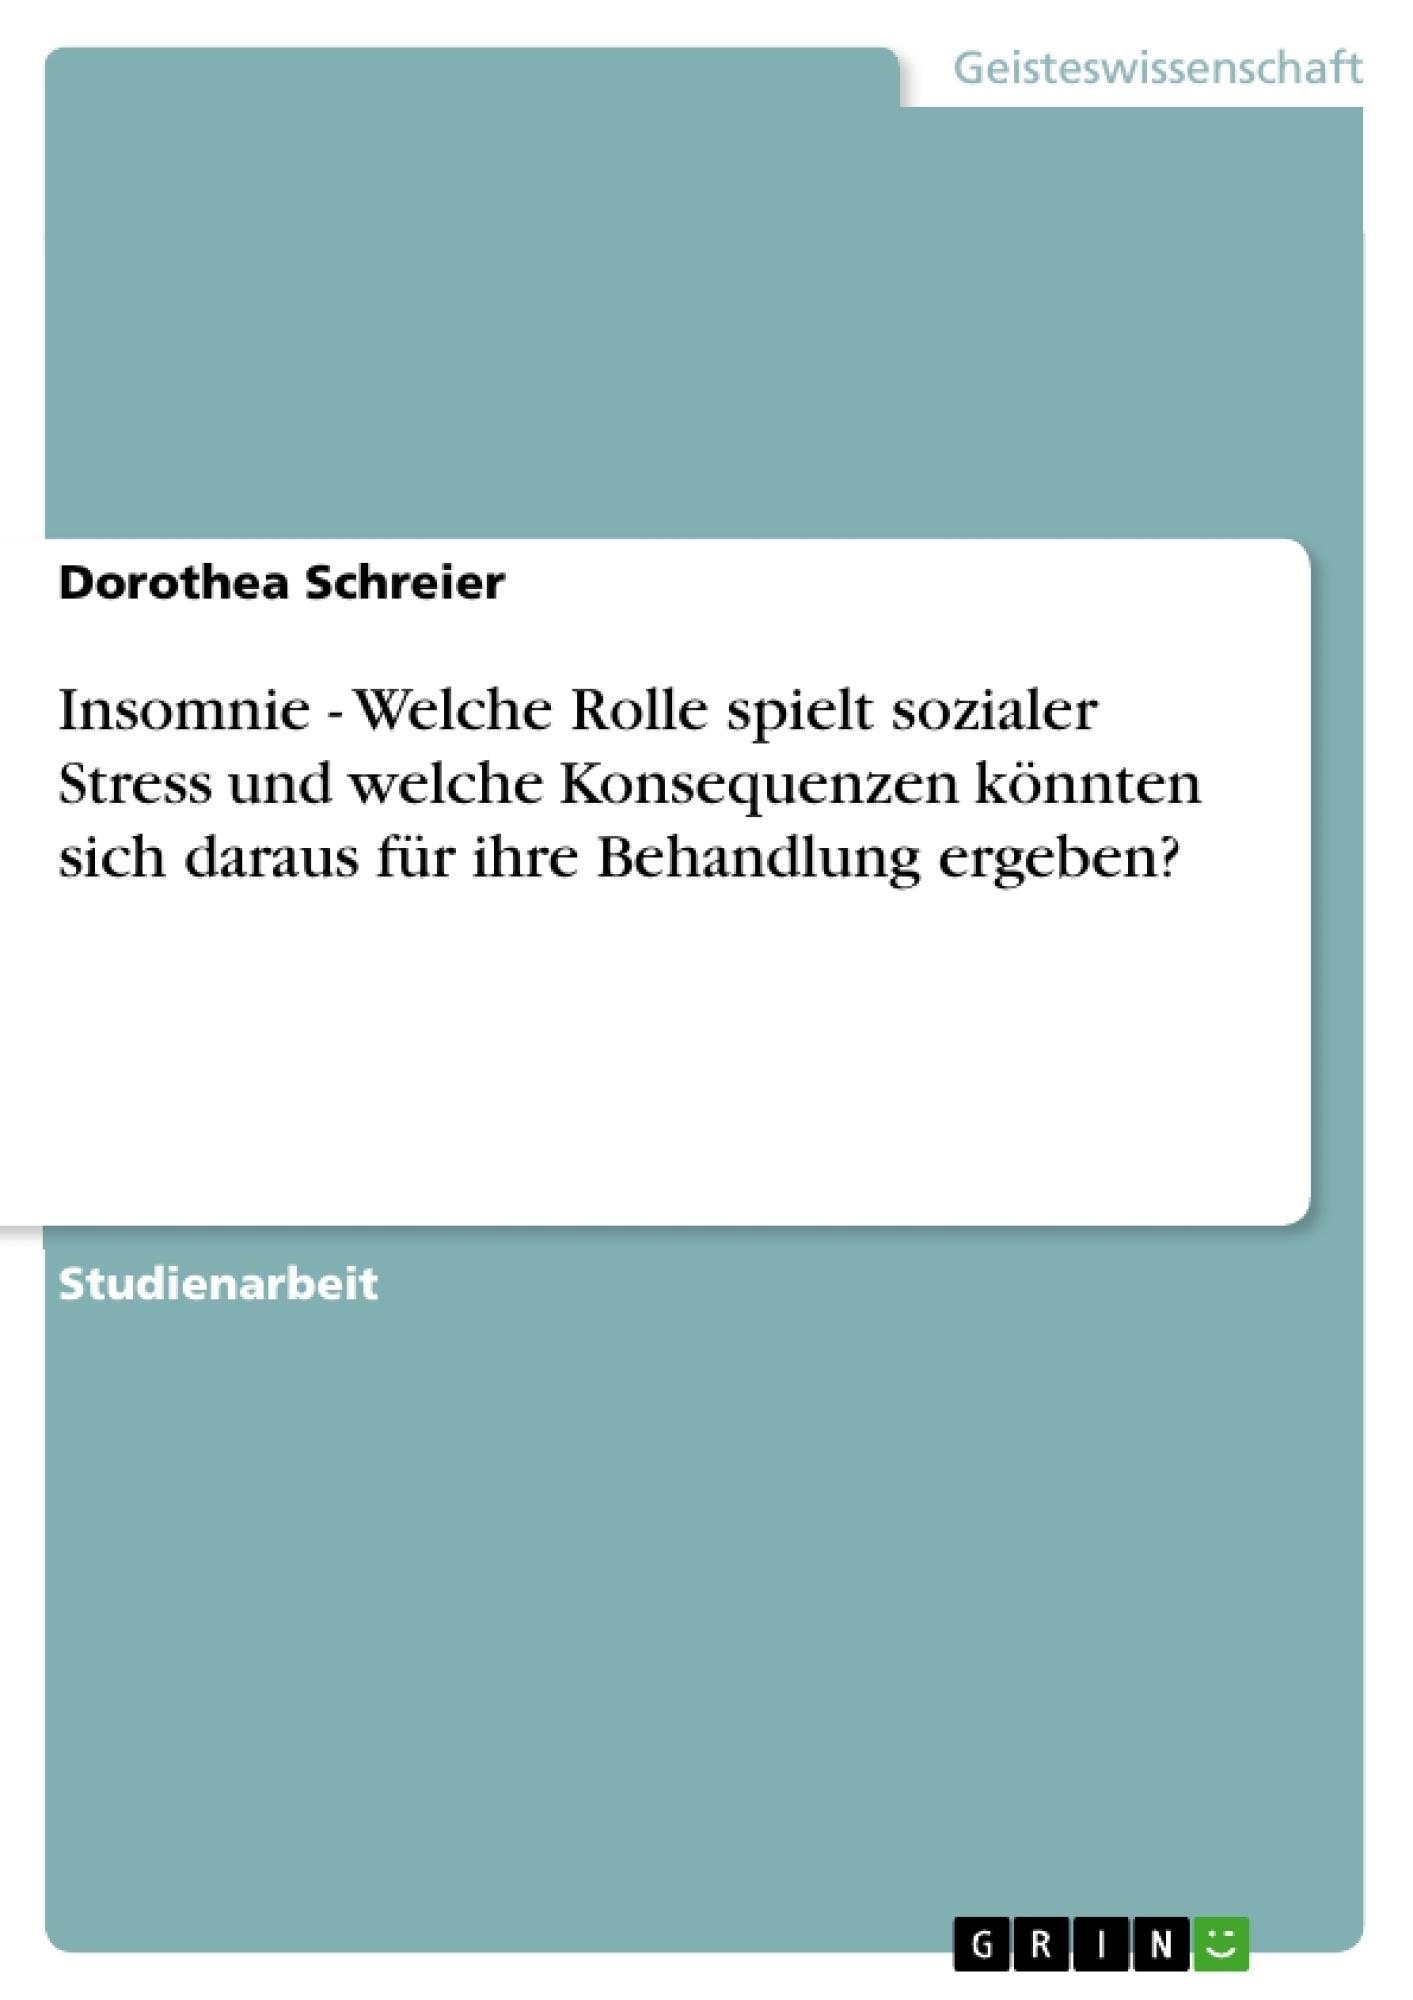 Titel: Insomnie - Welche Rolle spielt sozialer Stress  und welche Konsequenzen könnten sich daraus  für ihre Behandlung ergeben?